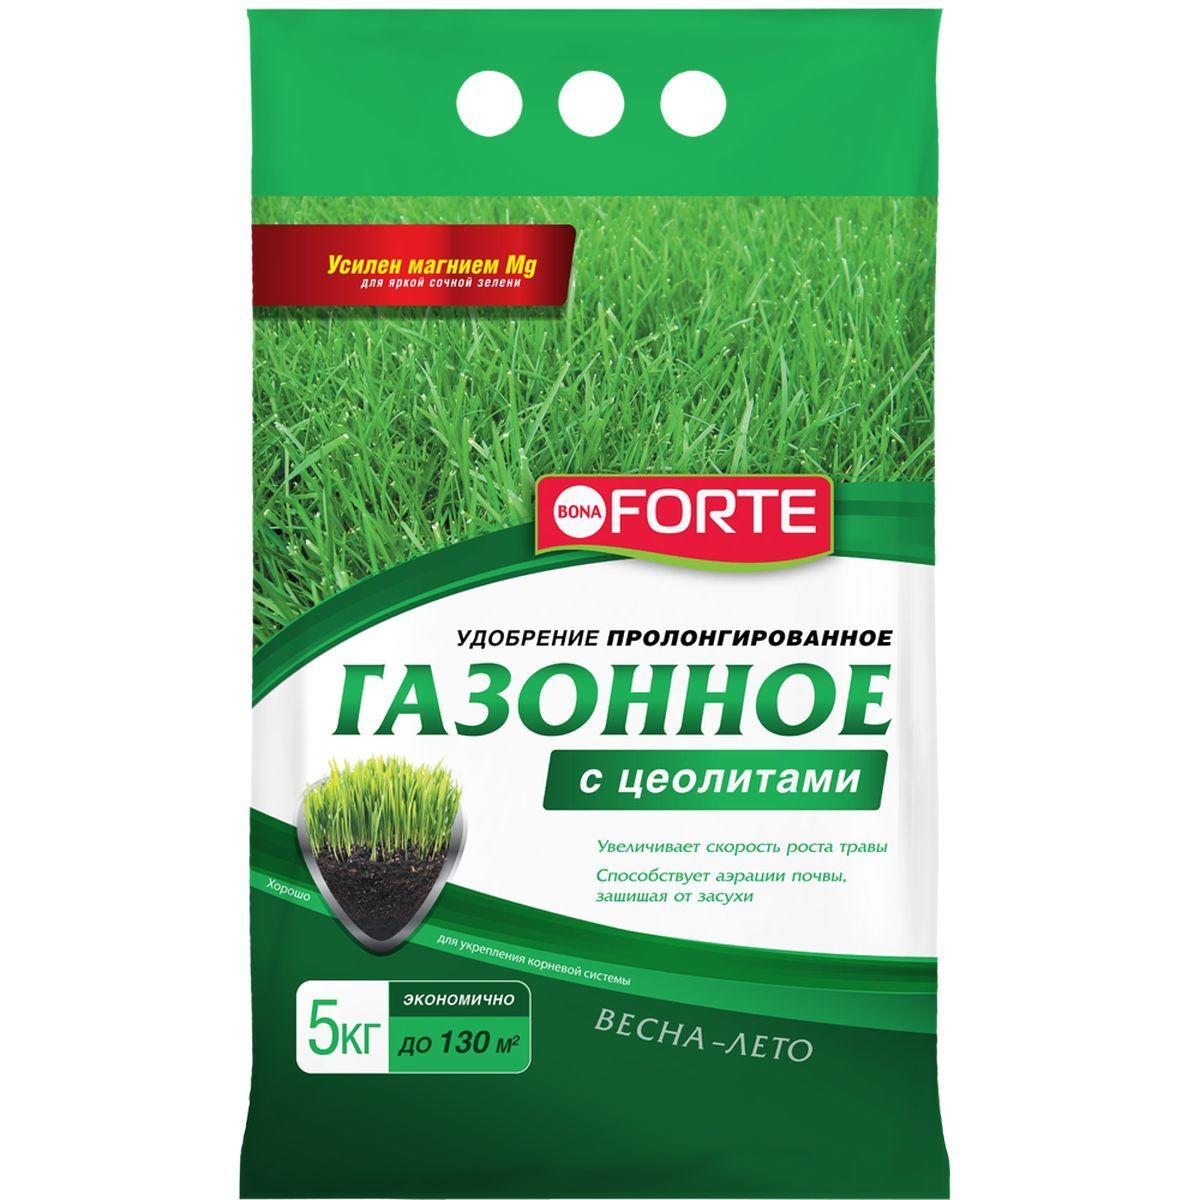 Удобрение Bona Forte, газонное (весна), с цеолитомBF-23-01-031-1Для всех видов газонных трав. Восстанавливает траву после скашивания, увеличивает скорость роста травы, укрепляет и уплотняет травяной покров, придает сочный и яркий зеленый цвет газону, способствует укрепления корневой системы. Удобрения дополнительно обогащены ЦЕОЛИТОМ, который имеет уникальные полезные качества: - удерживает влагу и питательные вещества в корнеобитаемой зоне растений; - снижает стрессы растений при посадке и пересадке; - обеспечивает оптимальный воздушный режим даже при максимальном насыщении грунта водой; - делает удобрения пролонгированными